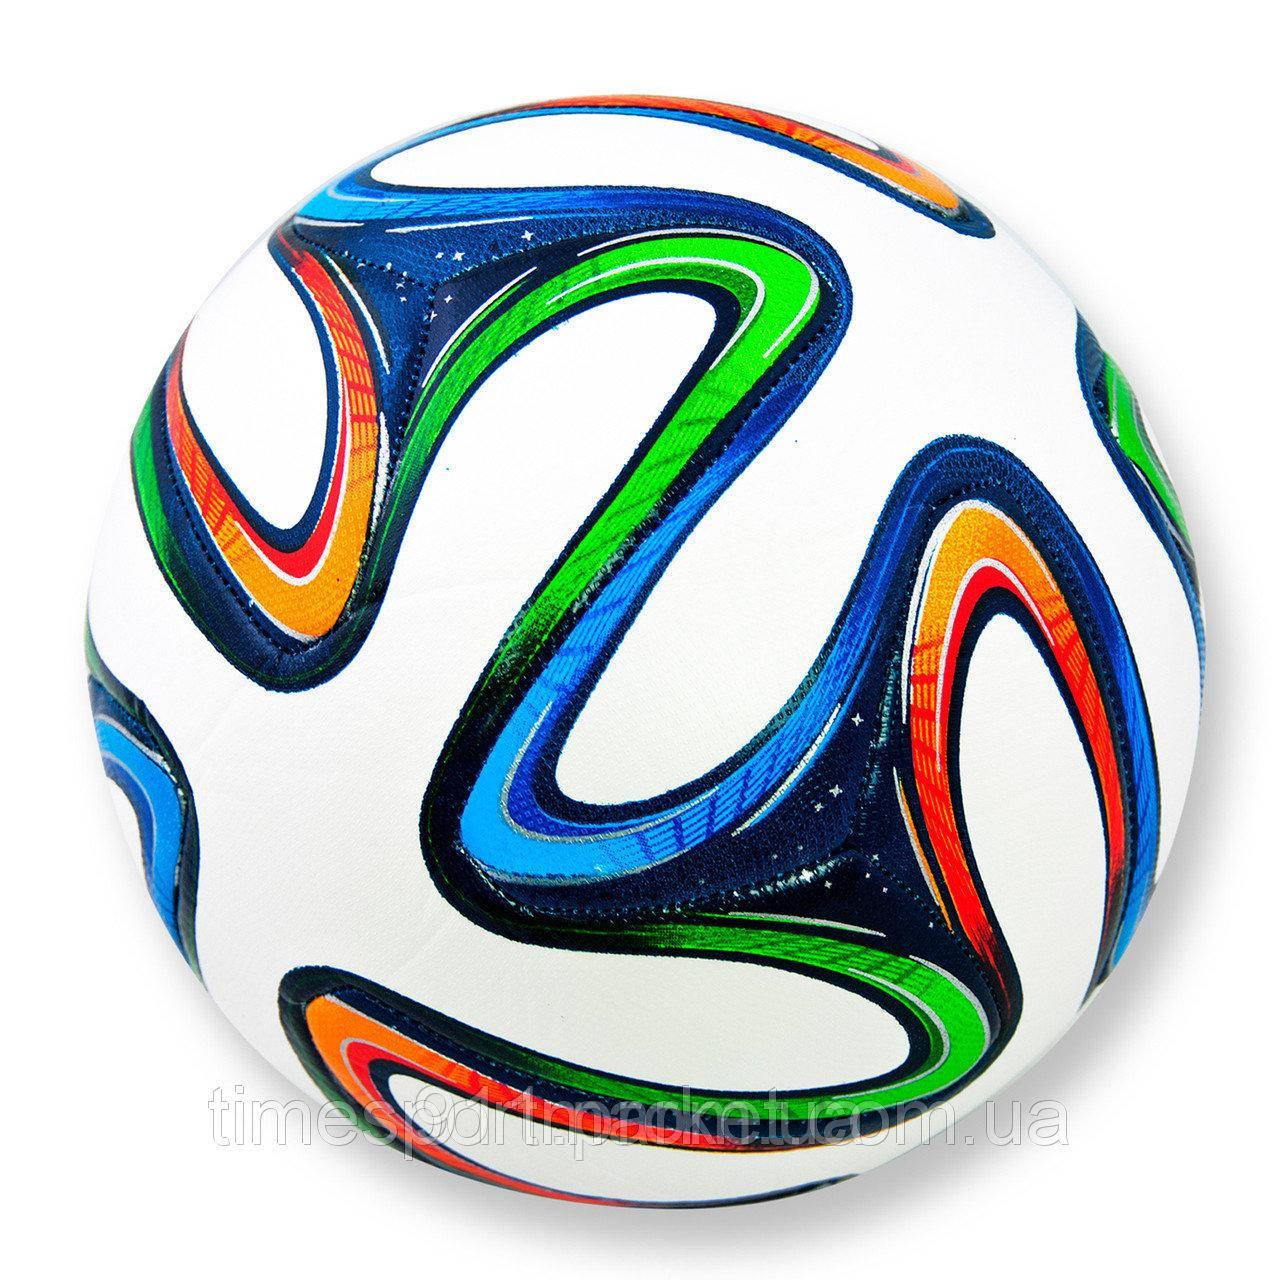 Мяч футбольный №4 футзал Brazuka